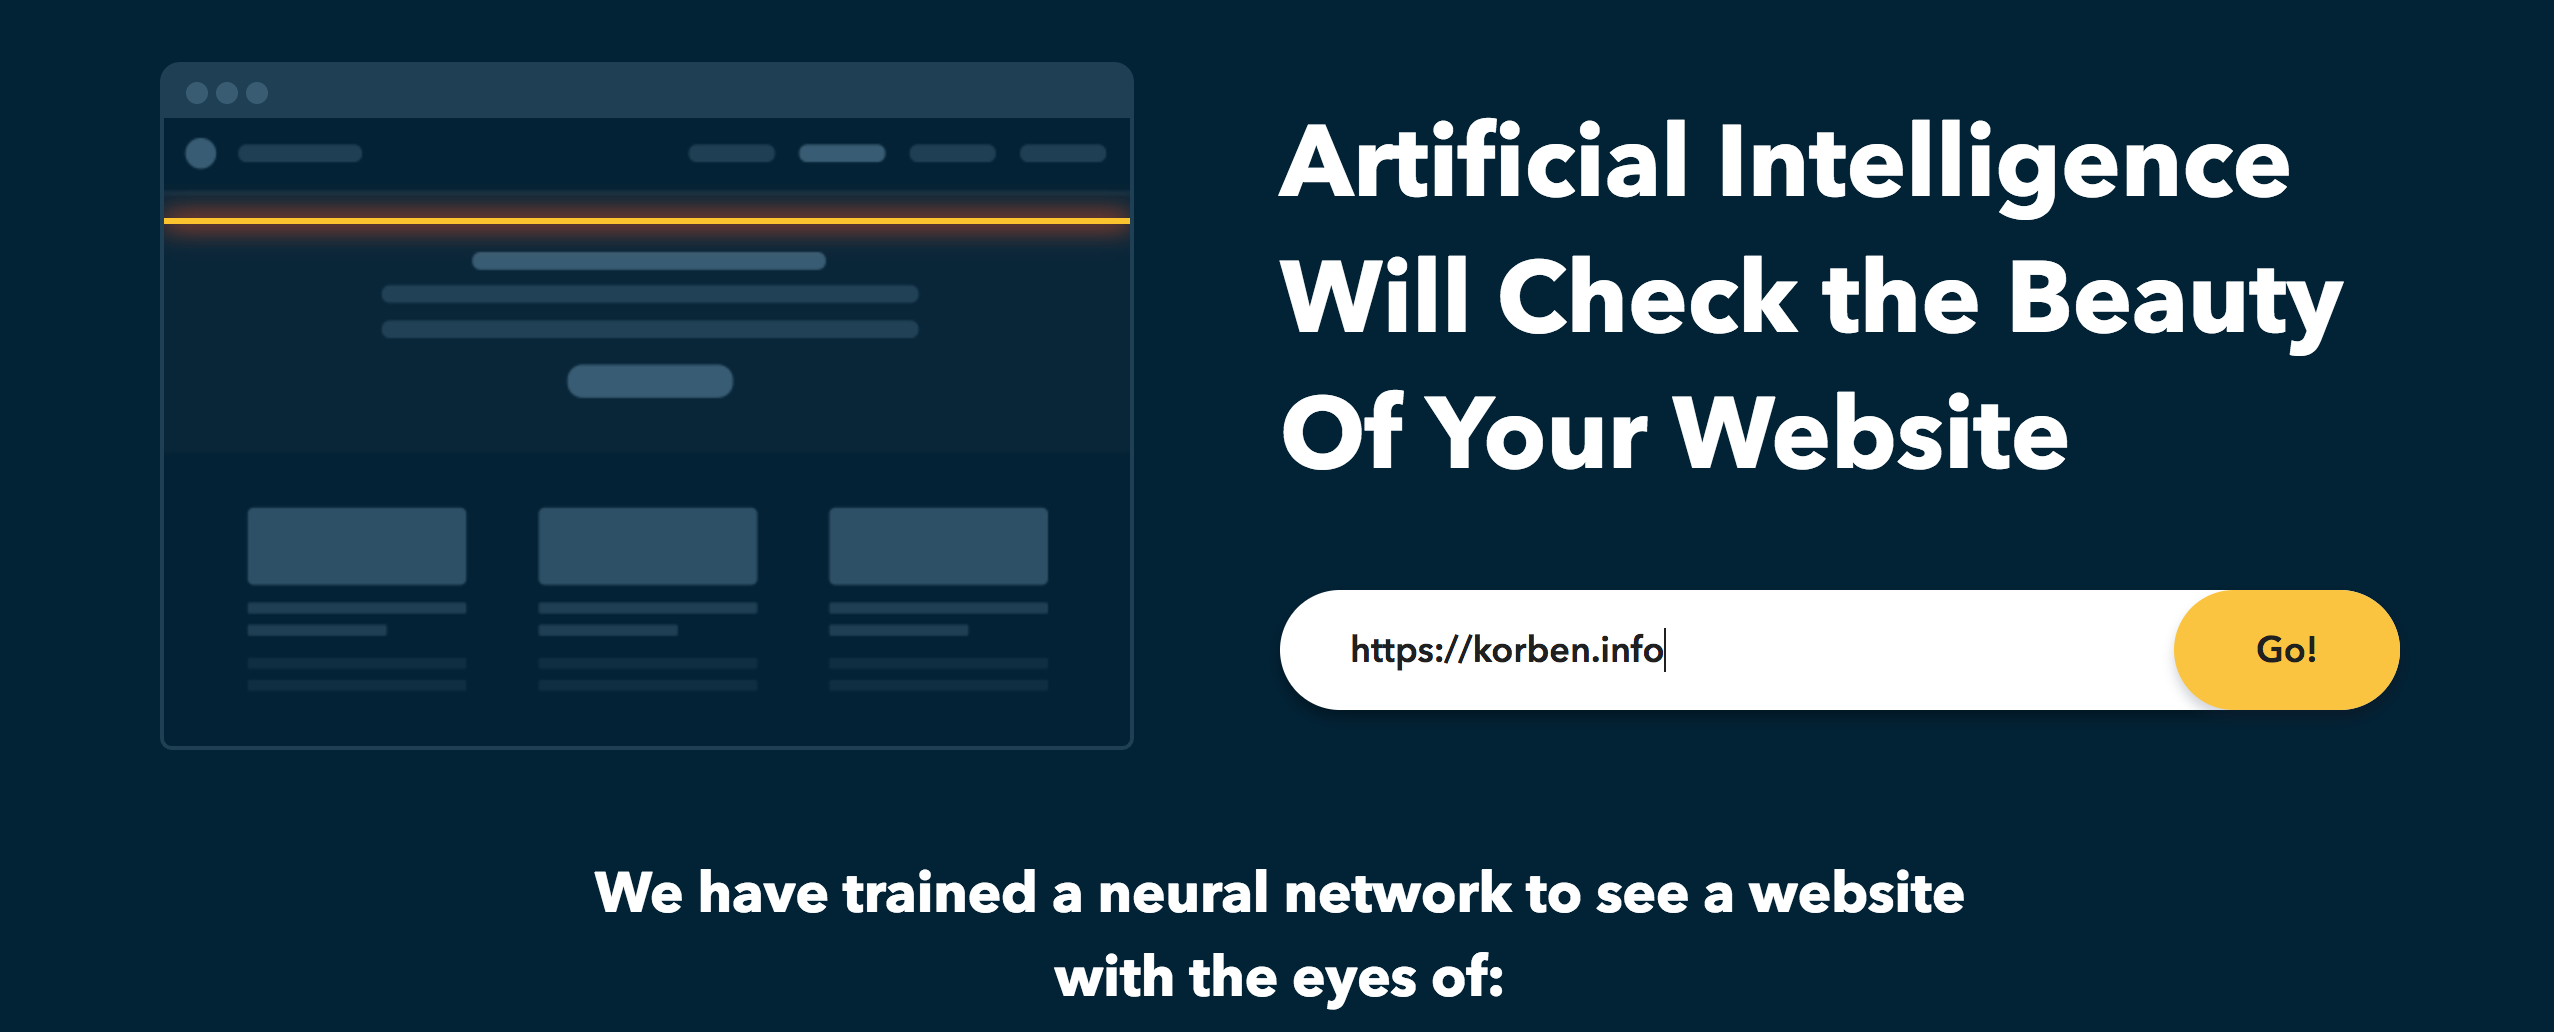 Votre site web est-il beau ?